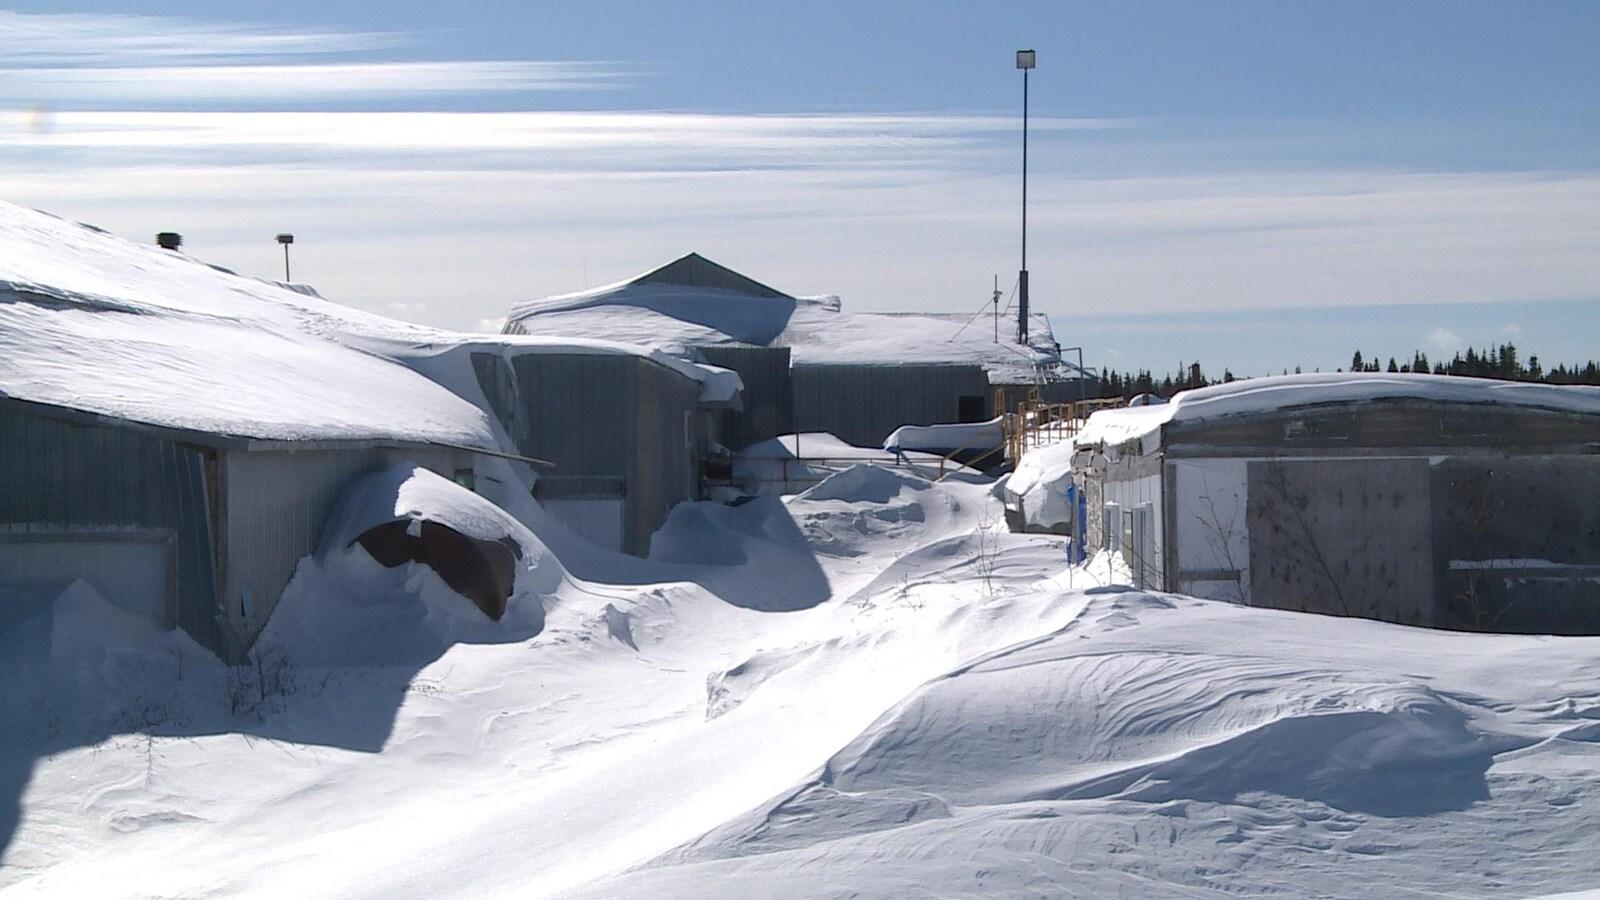 Des équipements de scieries ensevelis sous la neige.